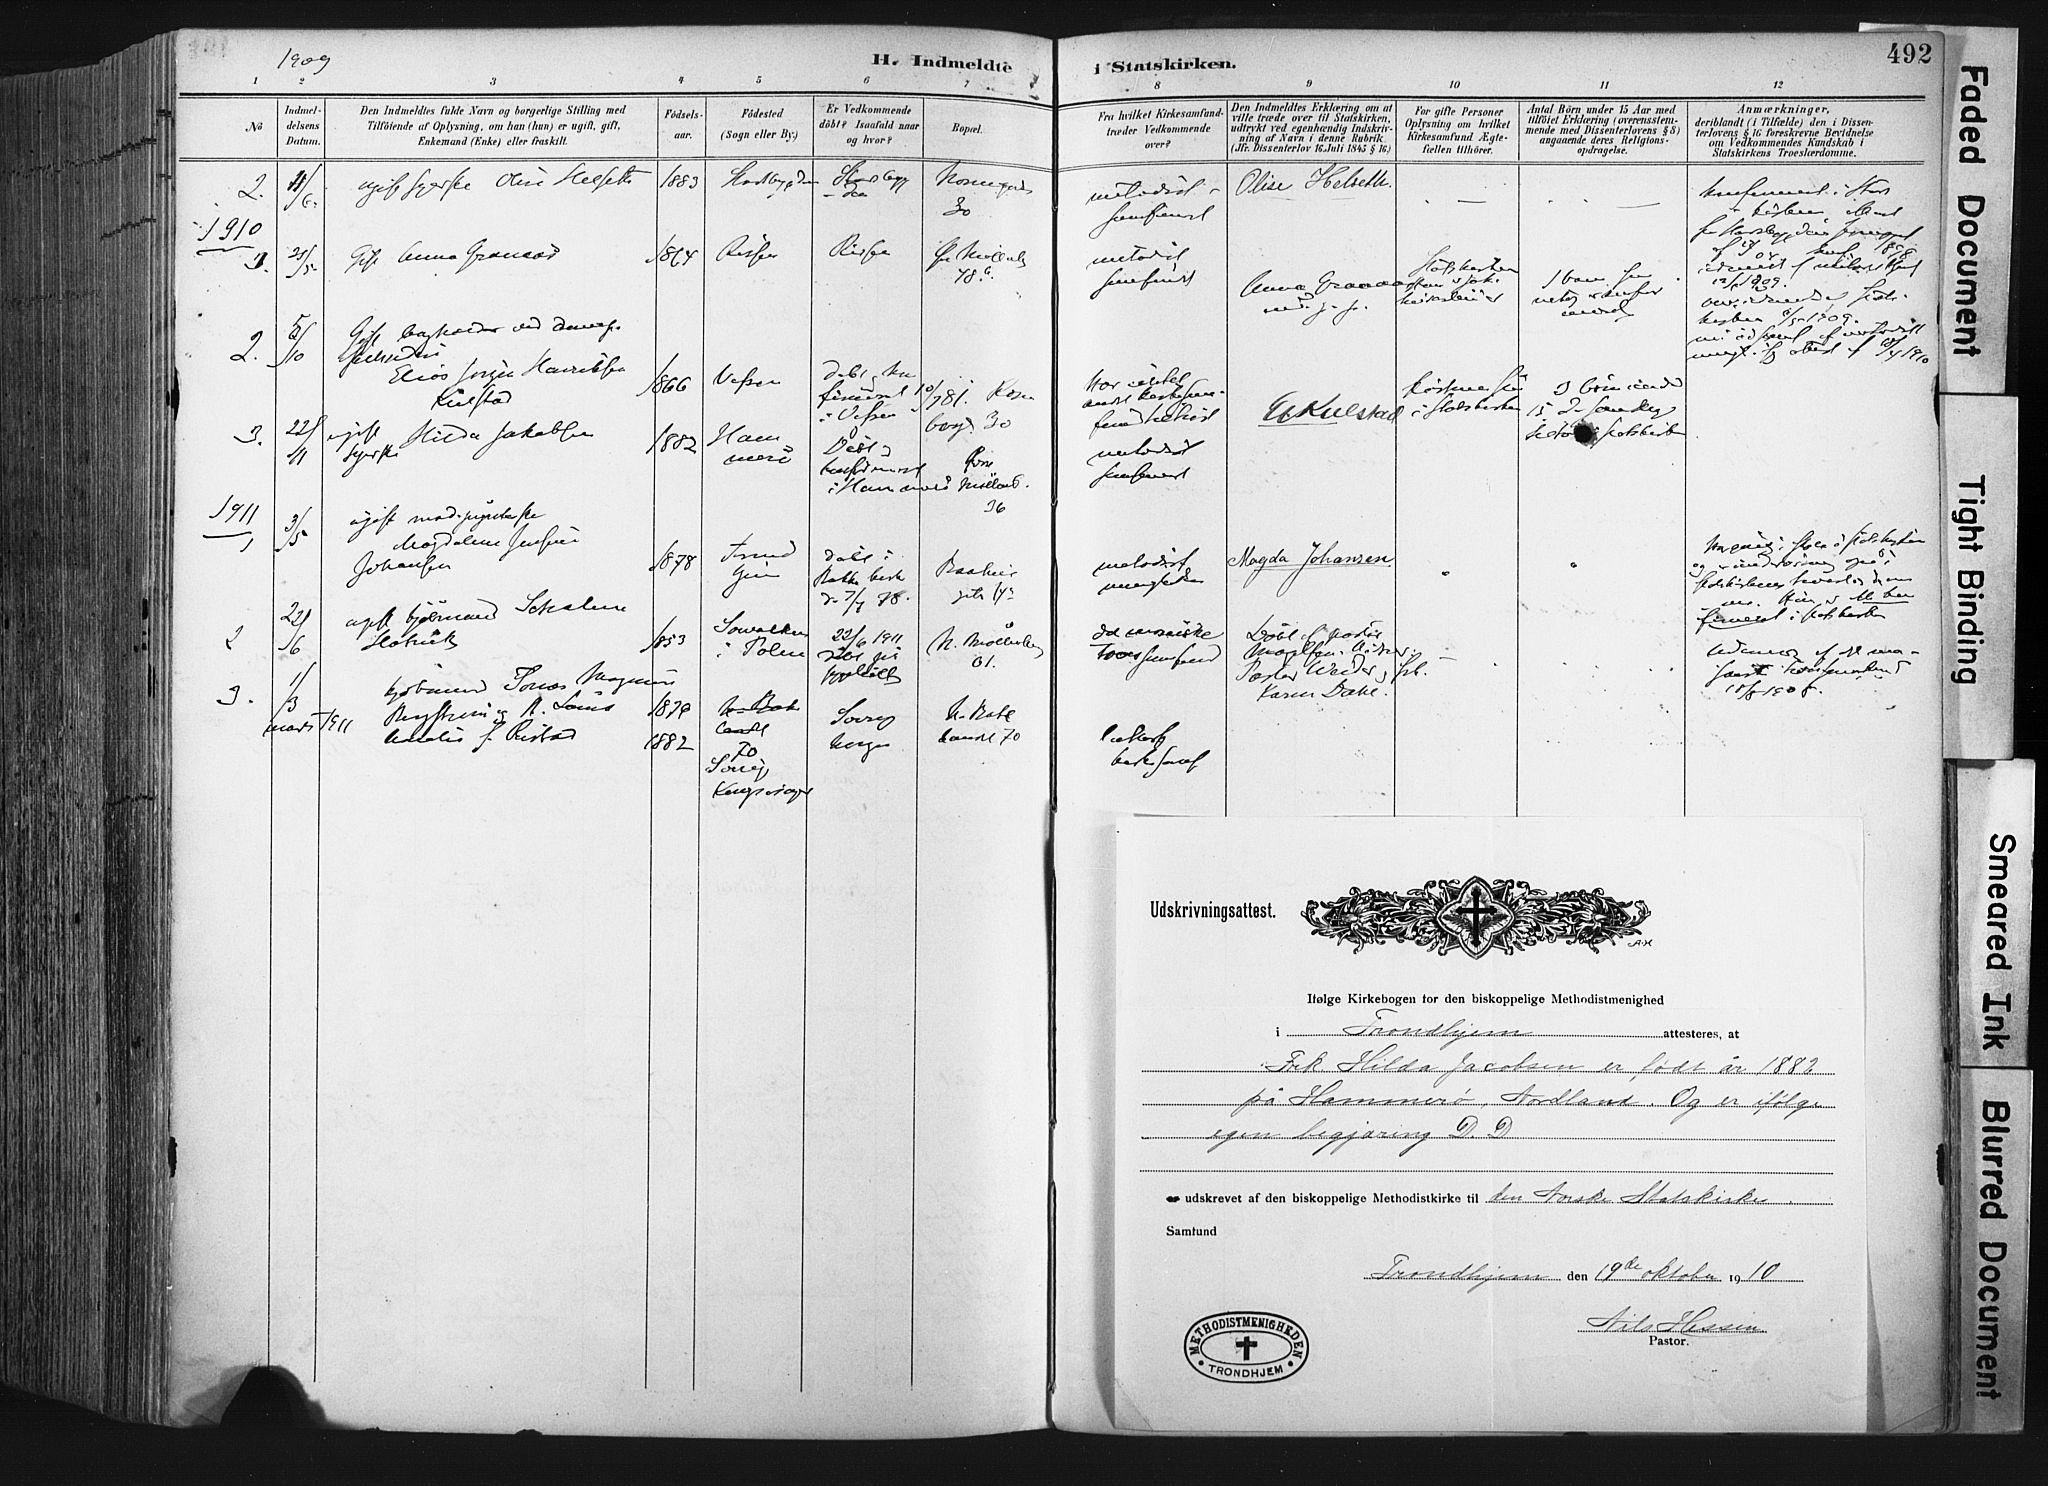 SAT, Ministerialprotokoller, klokkerbøker og fødselsregistre - Sør-Trøndelag, 604/L0201: Ministerialbok nr. 604A21, 1901-1911, s. 492